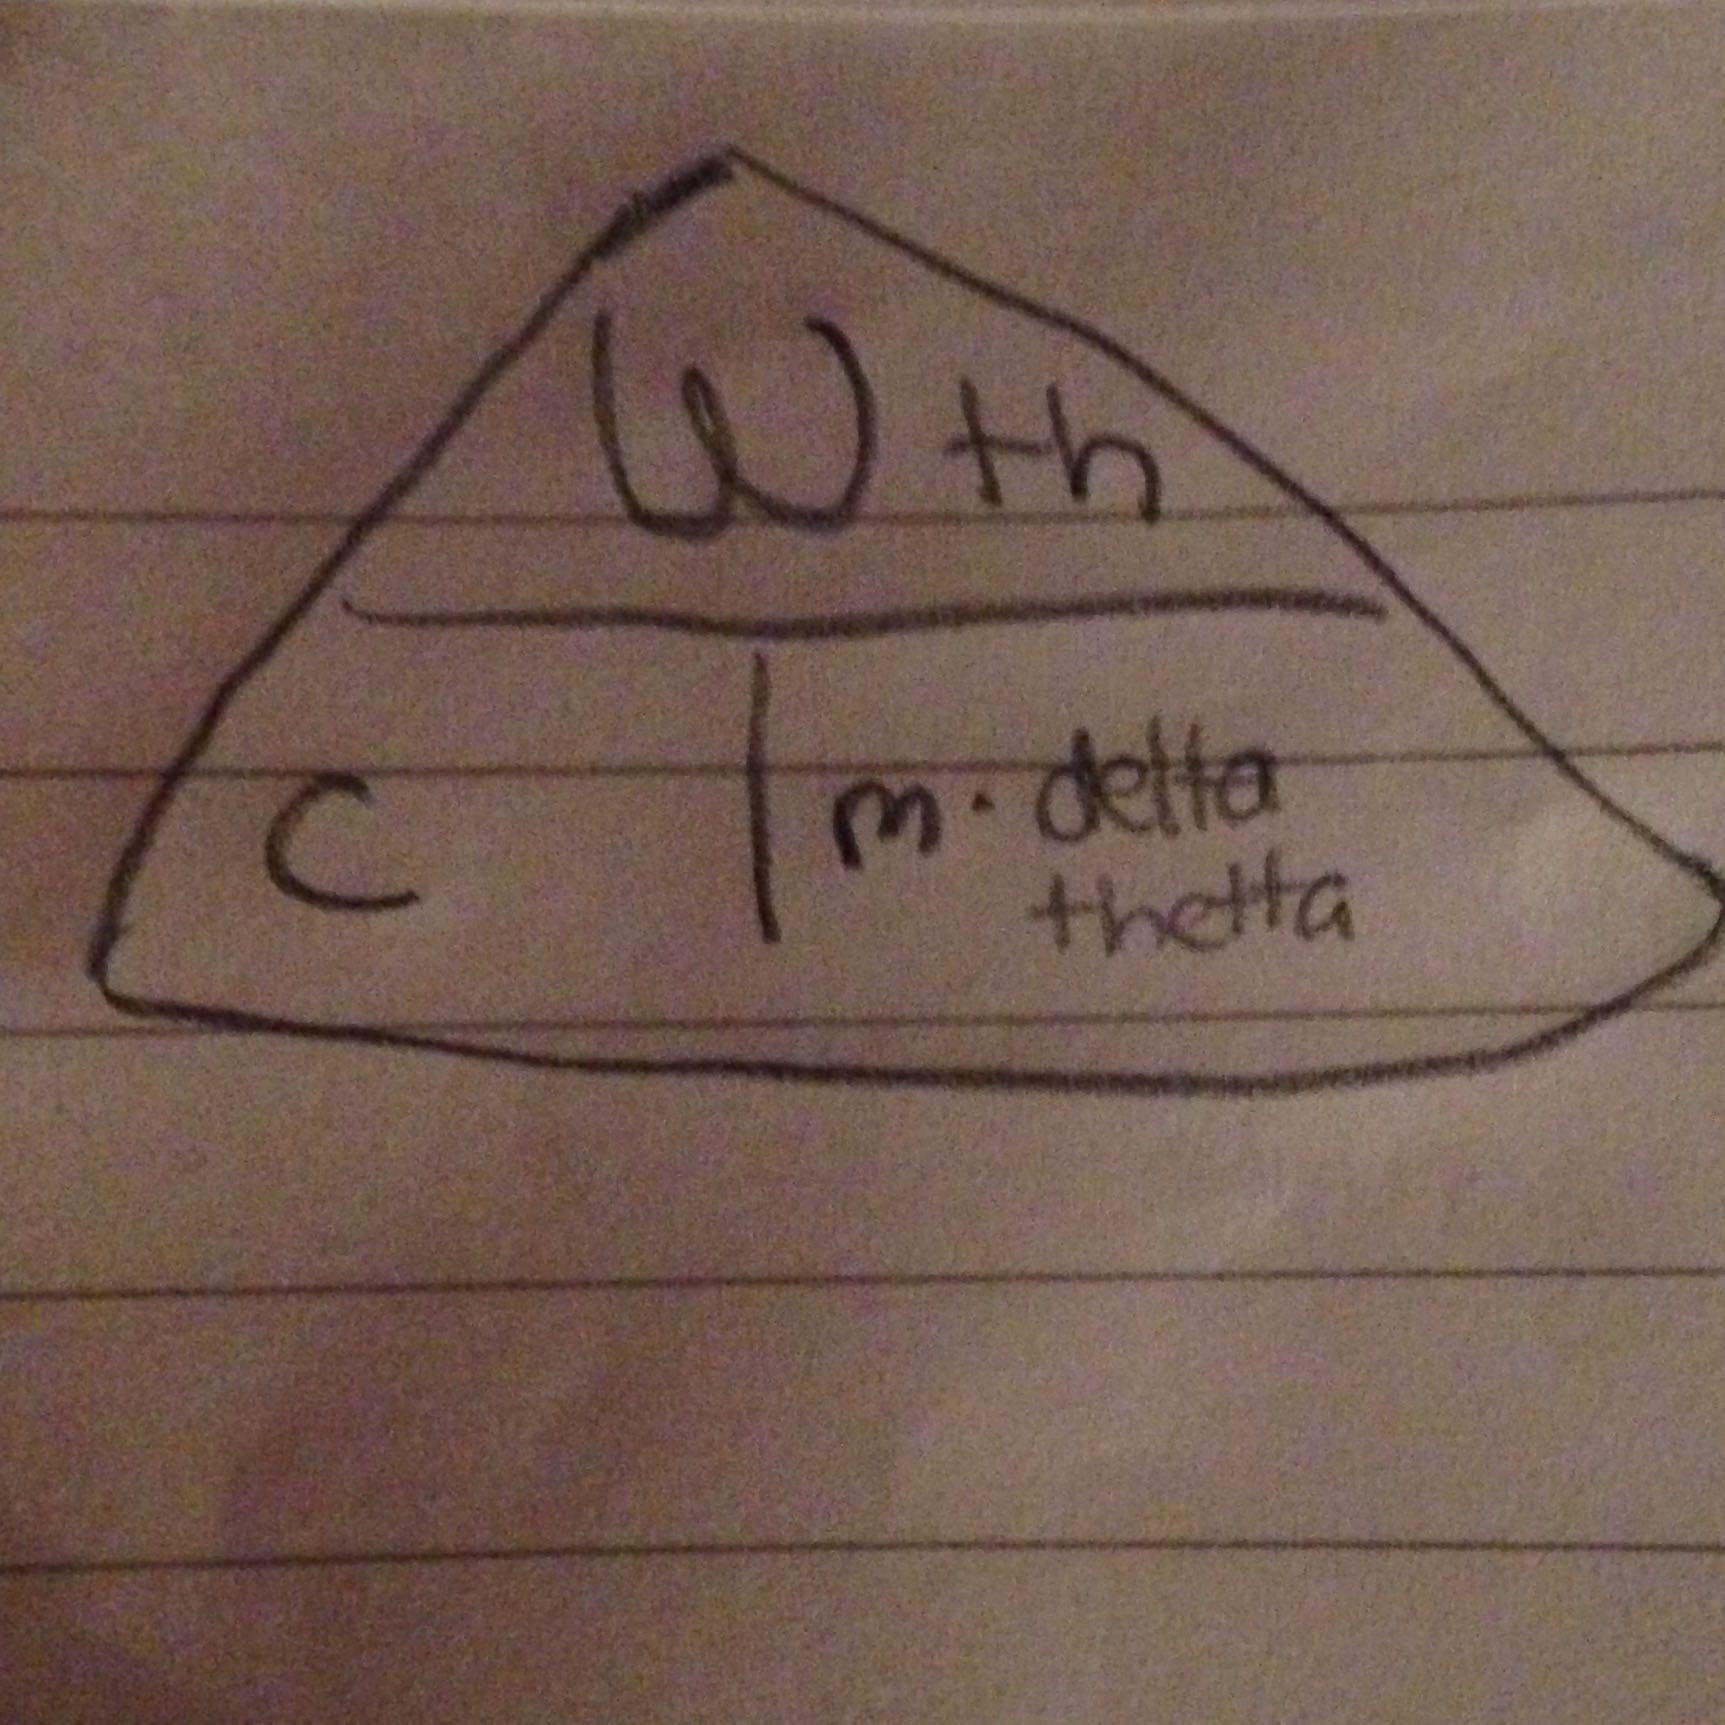 wie kann man diese gleichung umformen in physik? (rechnen